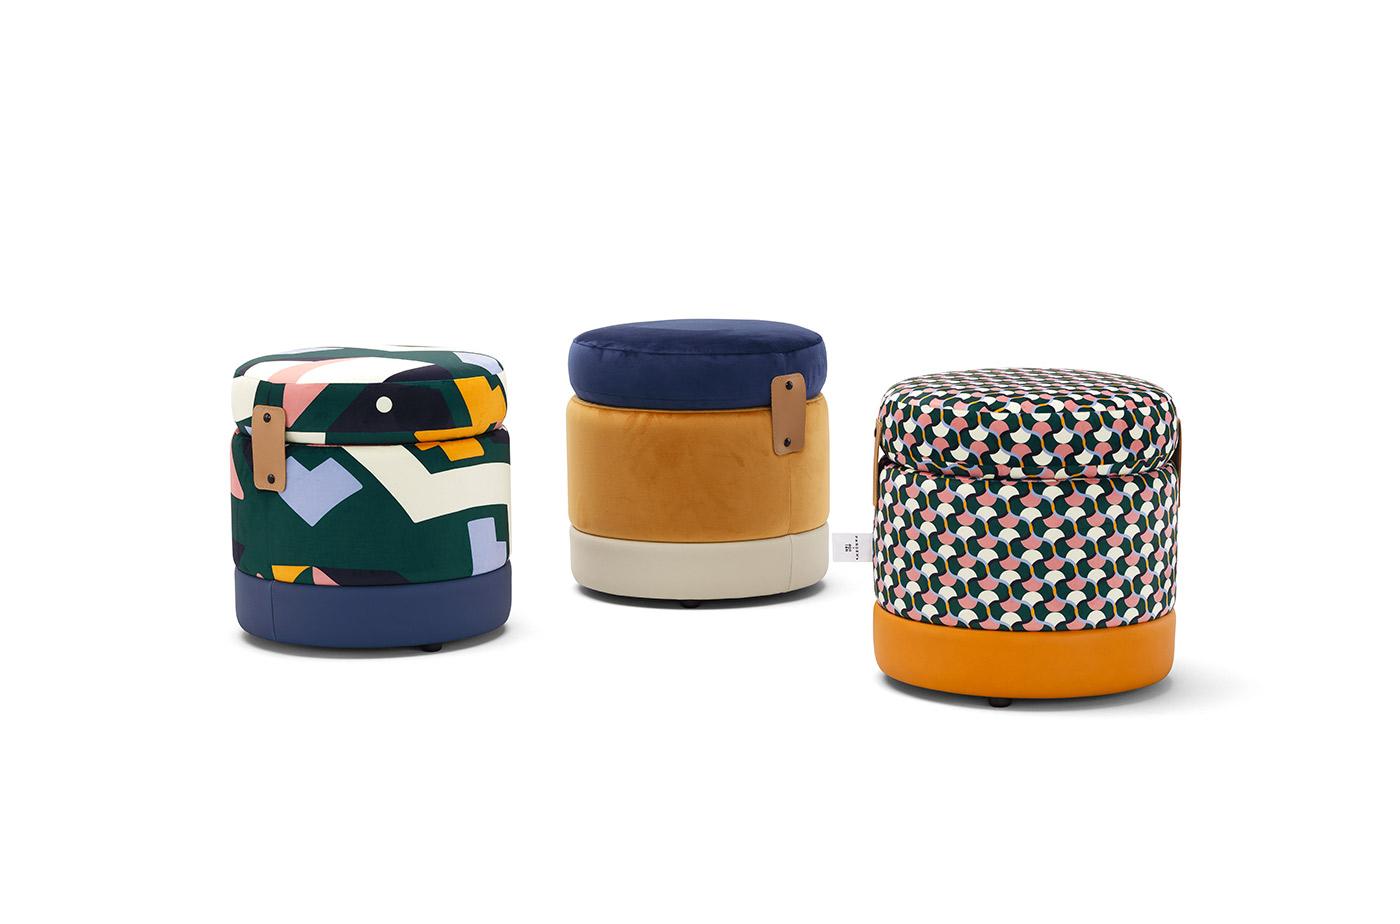 TONDER! è il pouf contenitore con struttura in legno e interno foderato. La placca in cuoio con clip laccate sigilla TONDER! una volta utilizzato come contenitore e aiuta a tenere fermo il cuscino di seduta.